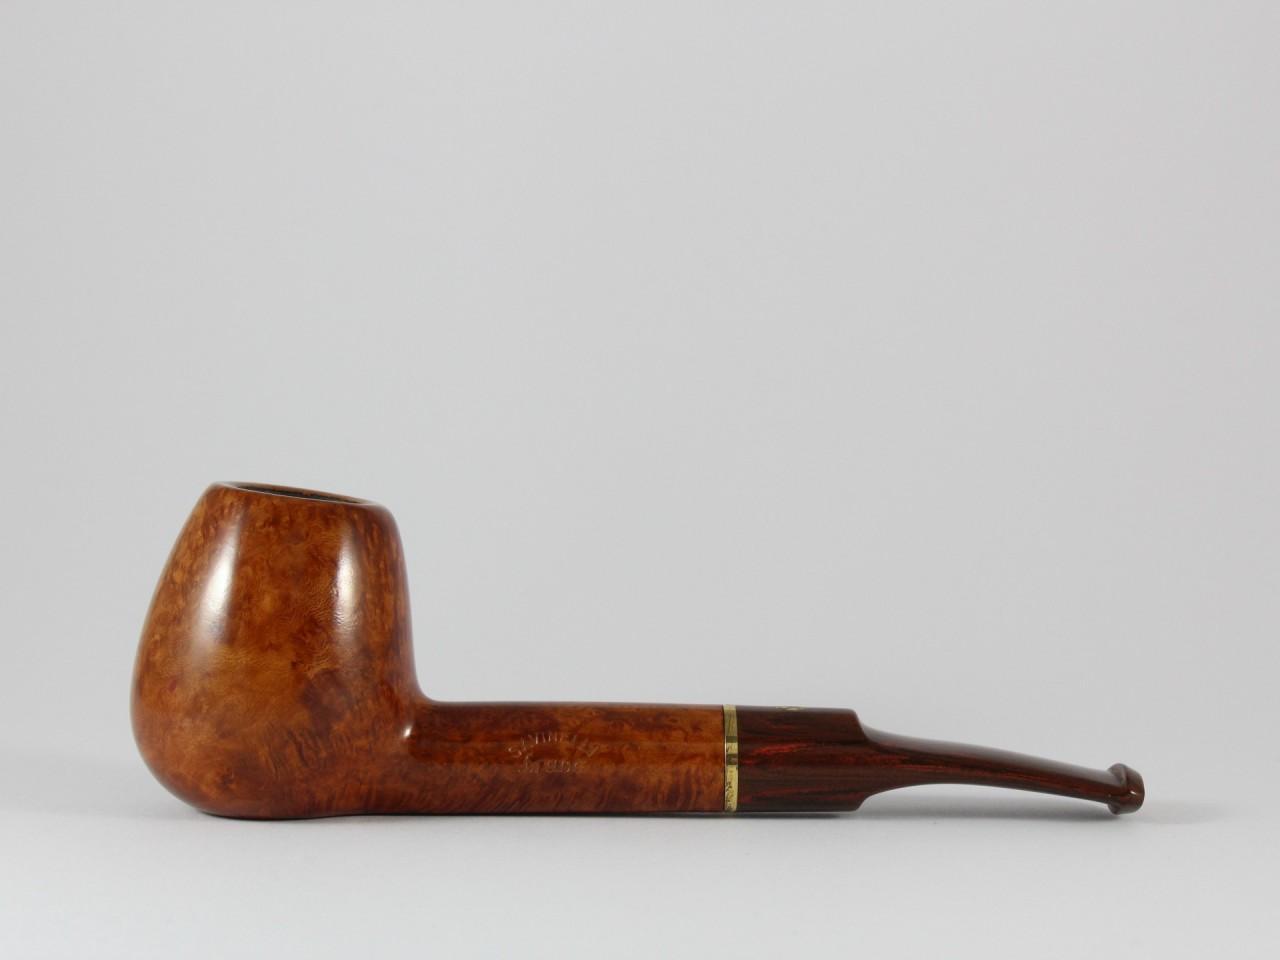 Savinelli Bruna 209 KS